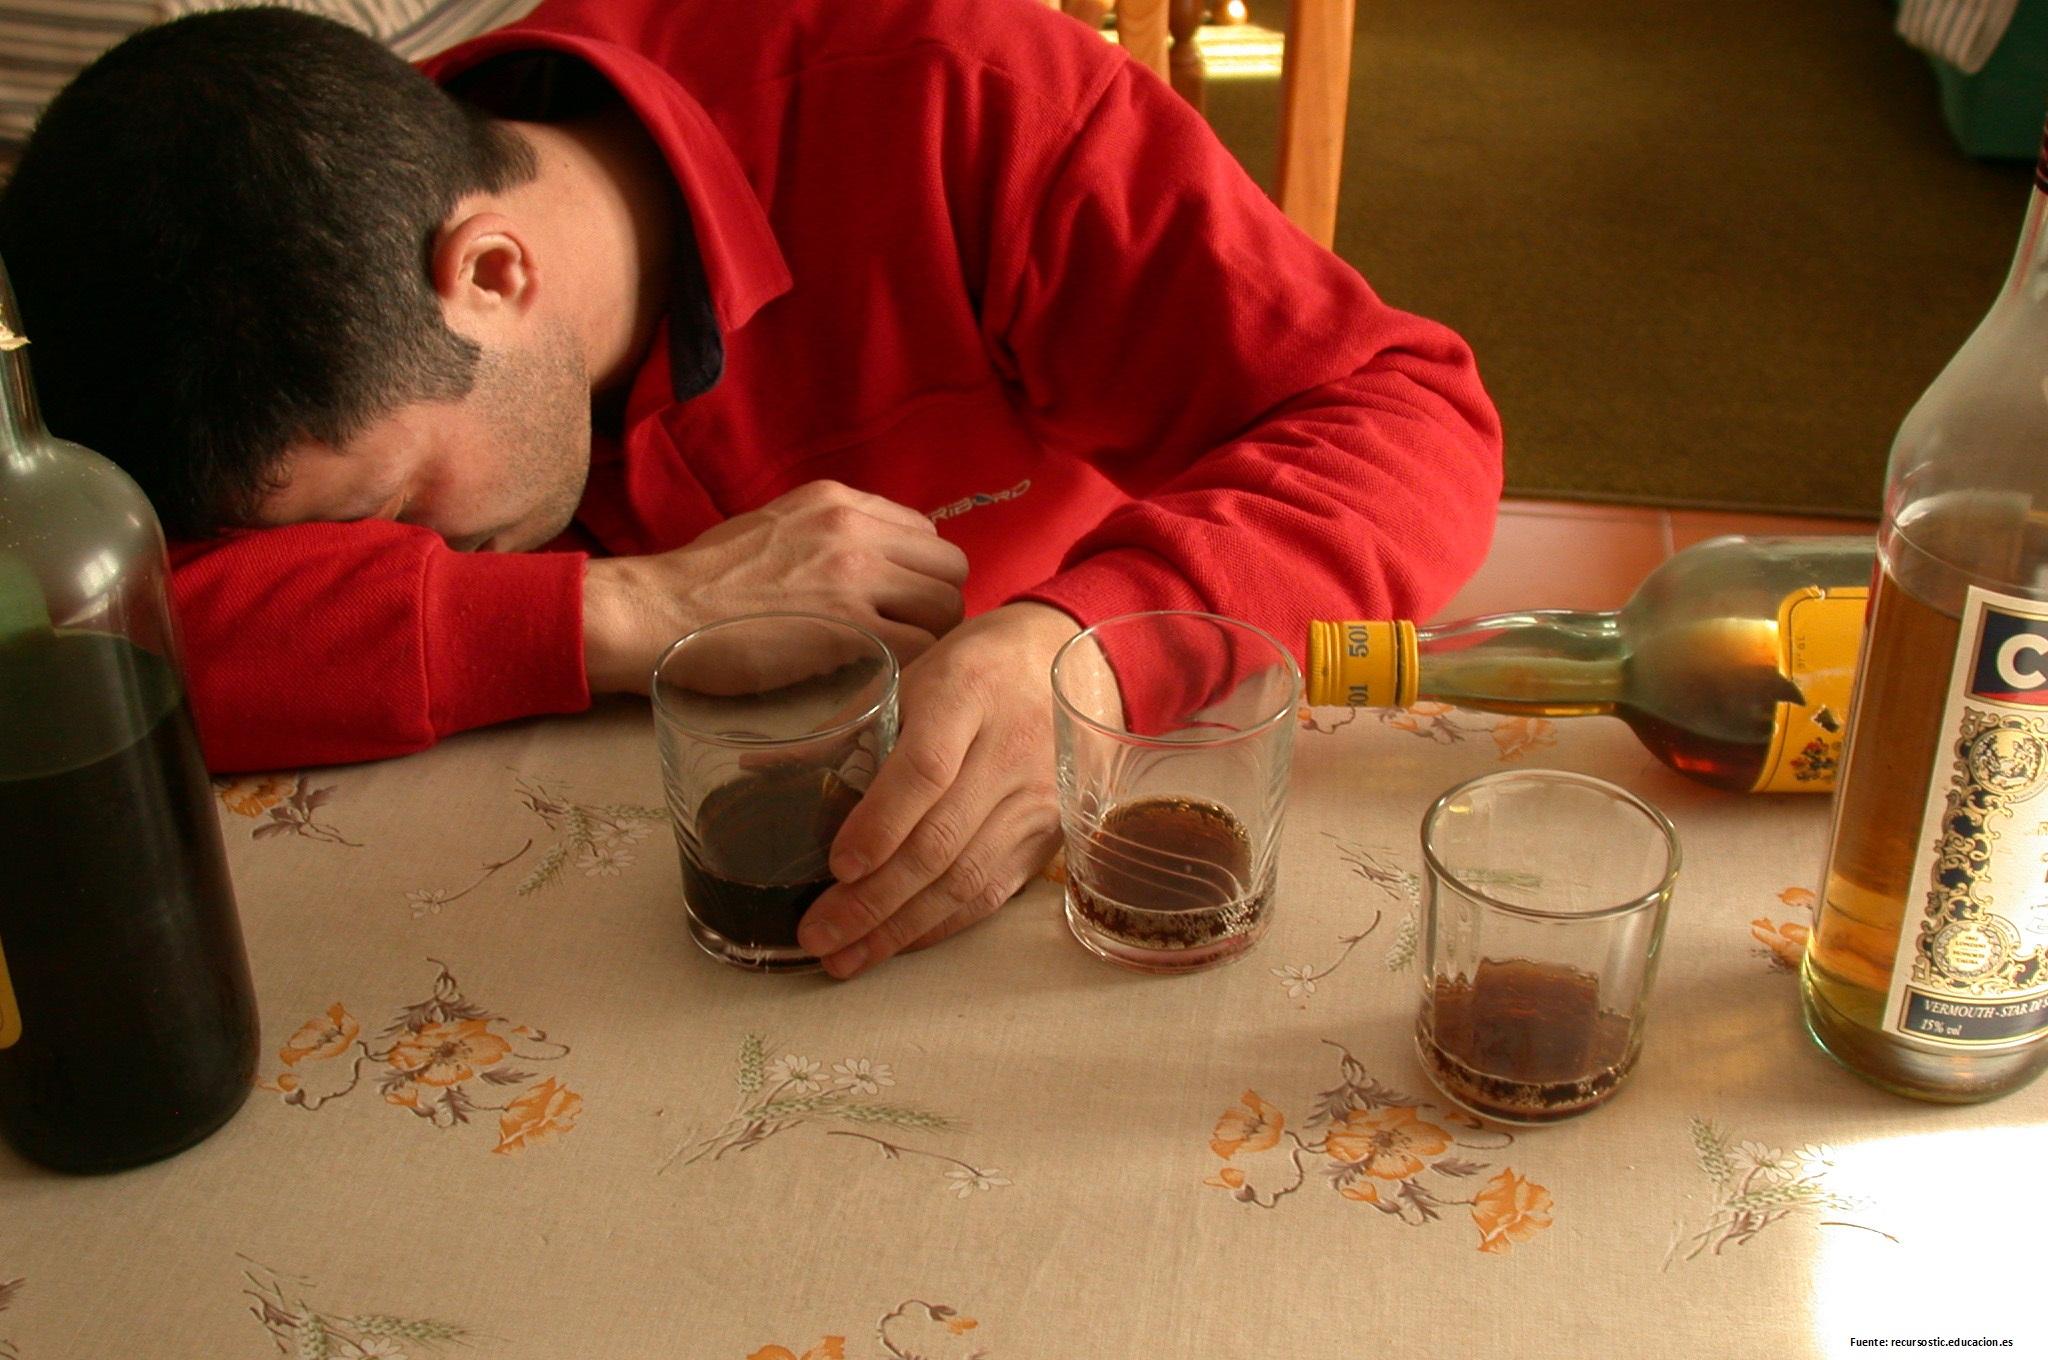 Aiutare il marito a smettere di bere rimedi di gente